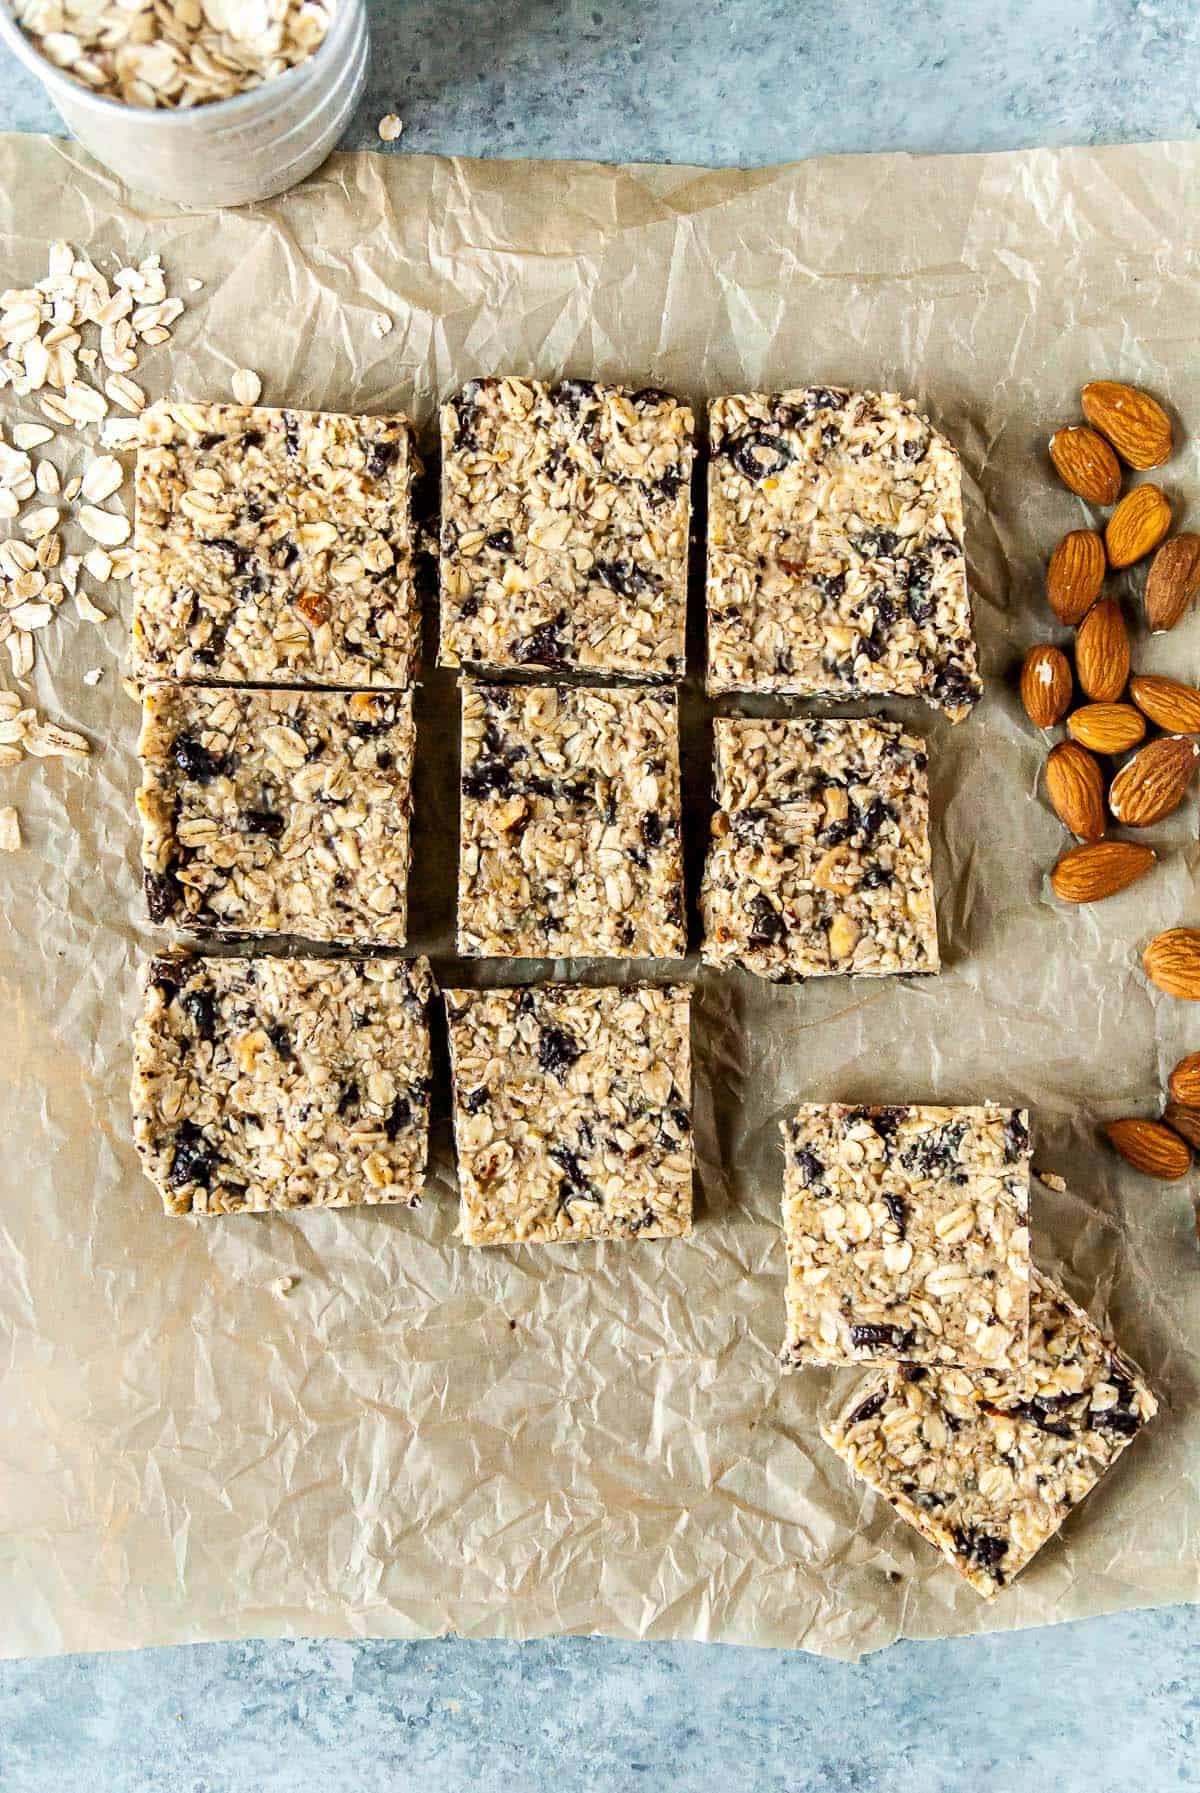 vegan granola bar slices on parchment paper